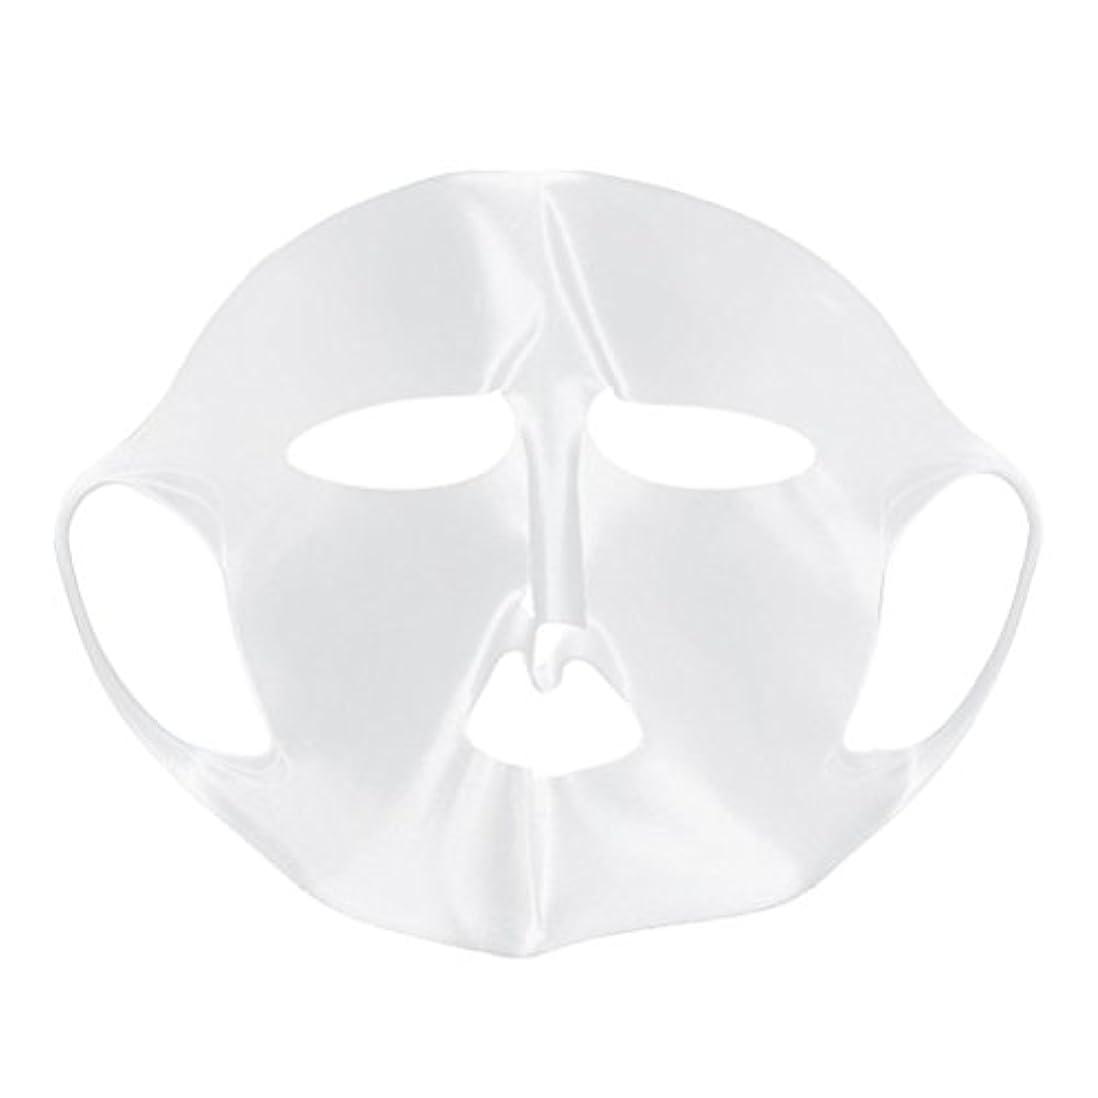 メイエラありふれた小包Beaupretty シートマスクカバーのためのシリコーンの再使用可能な顔のマスクカバー顔の保湿マスク